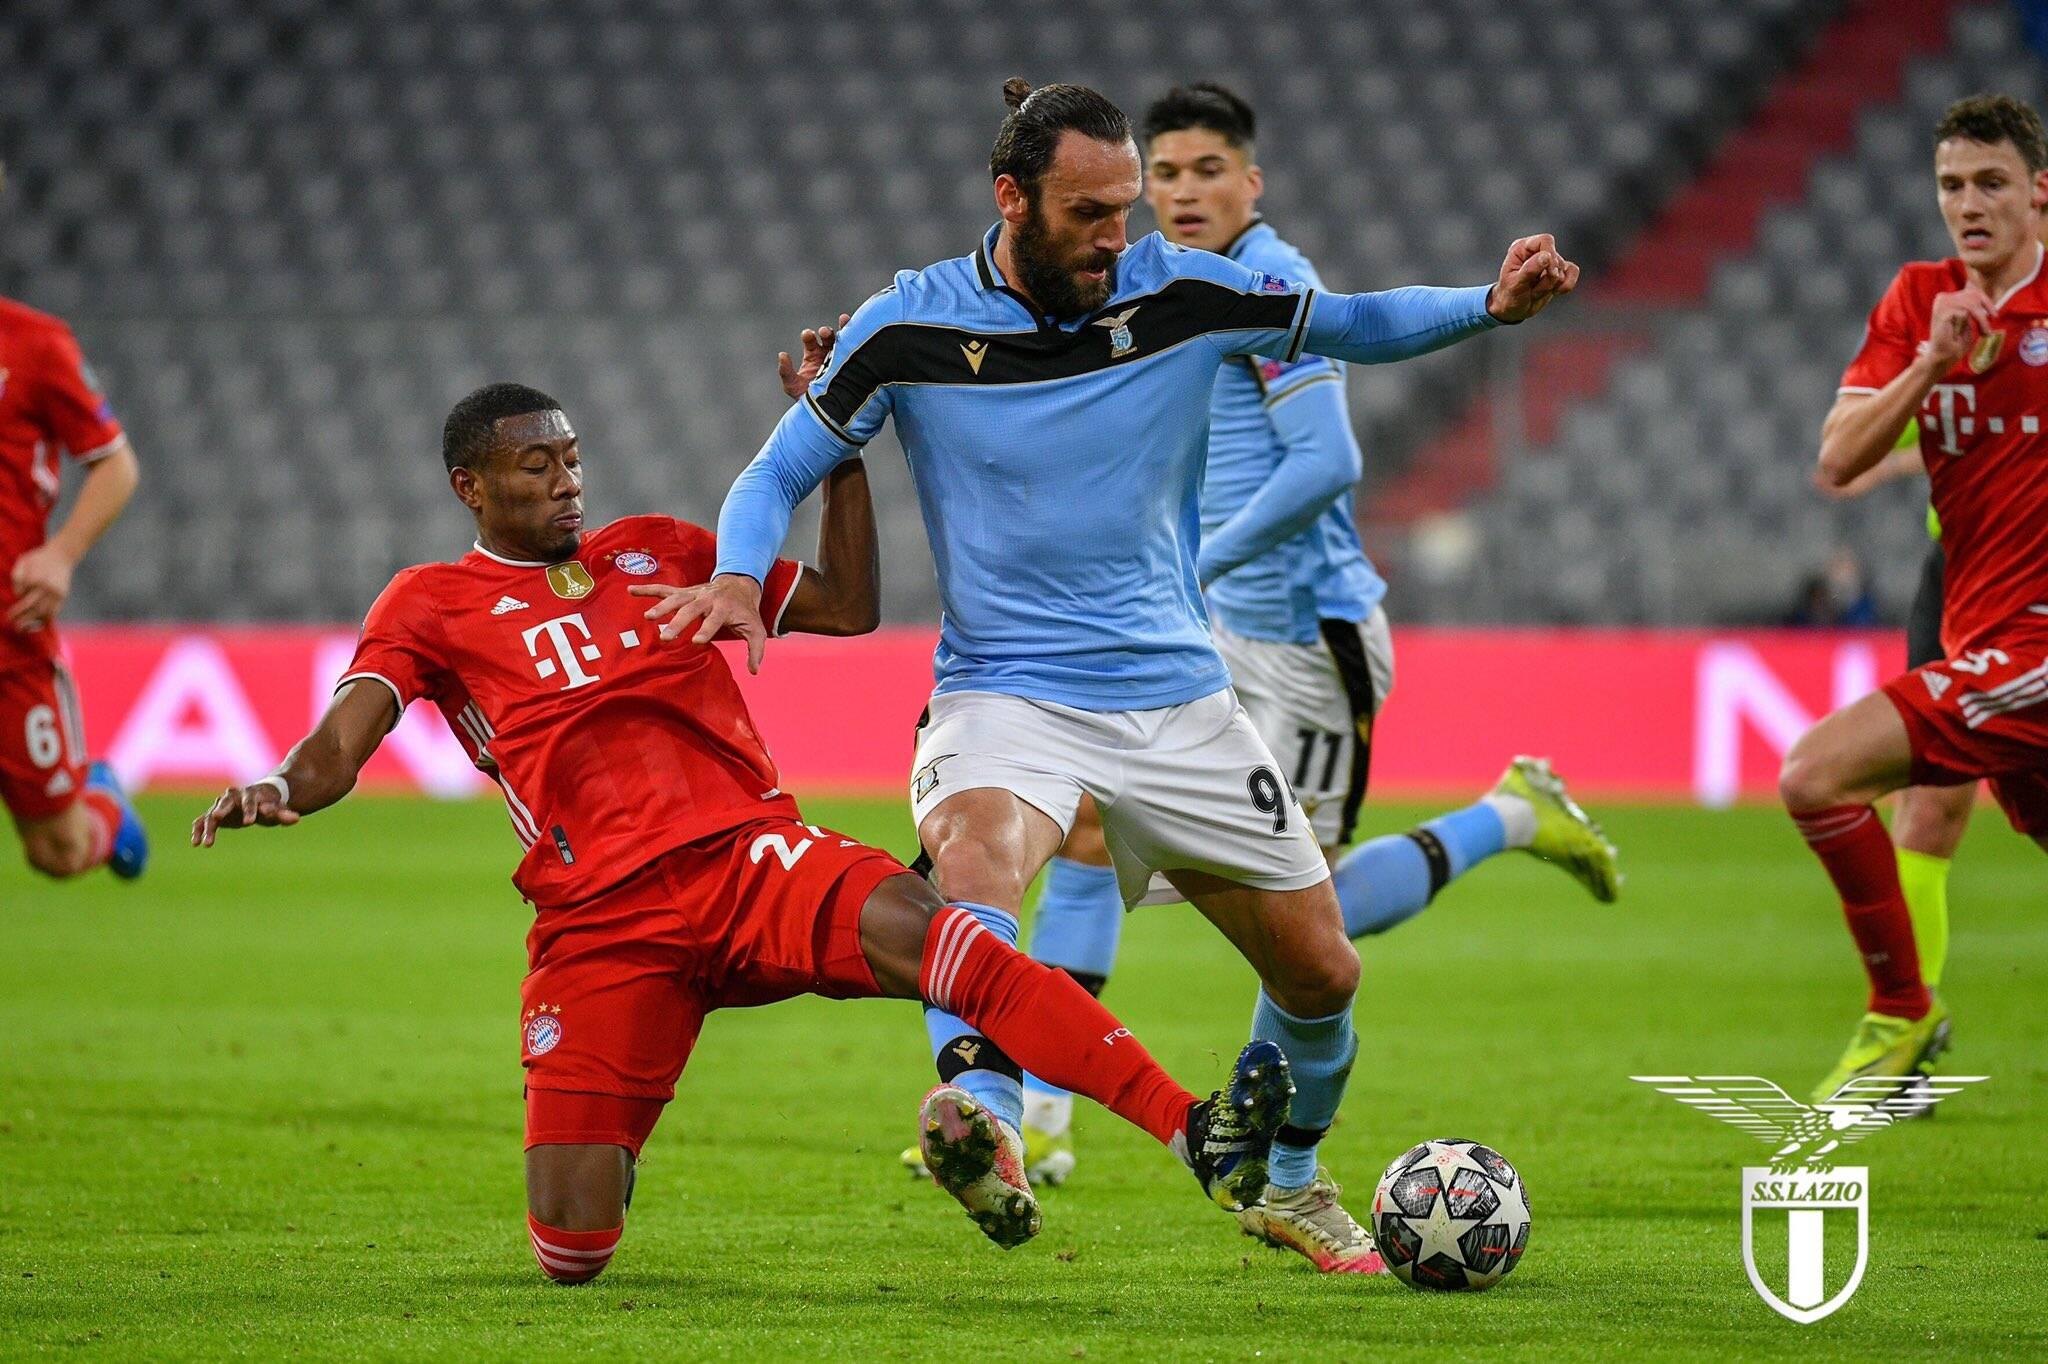 Foto: Reprodução / Lazio